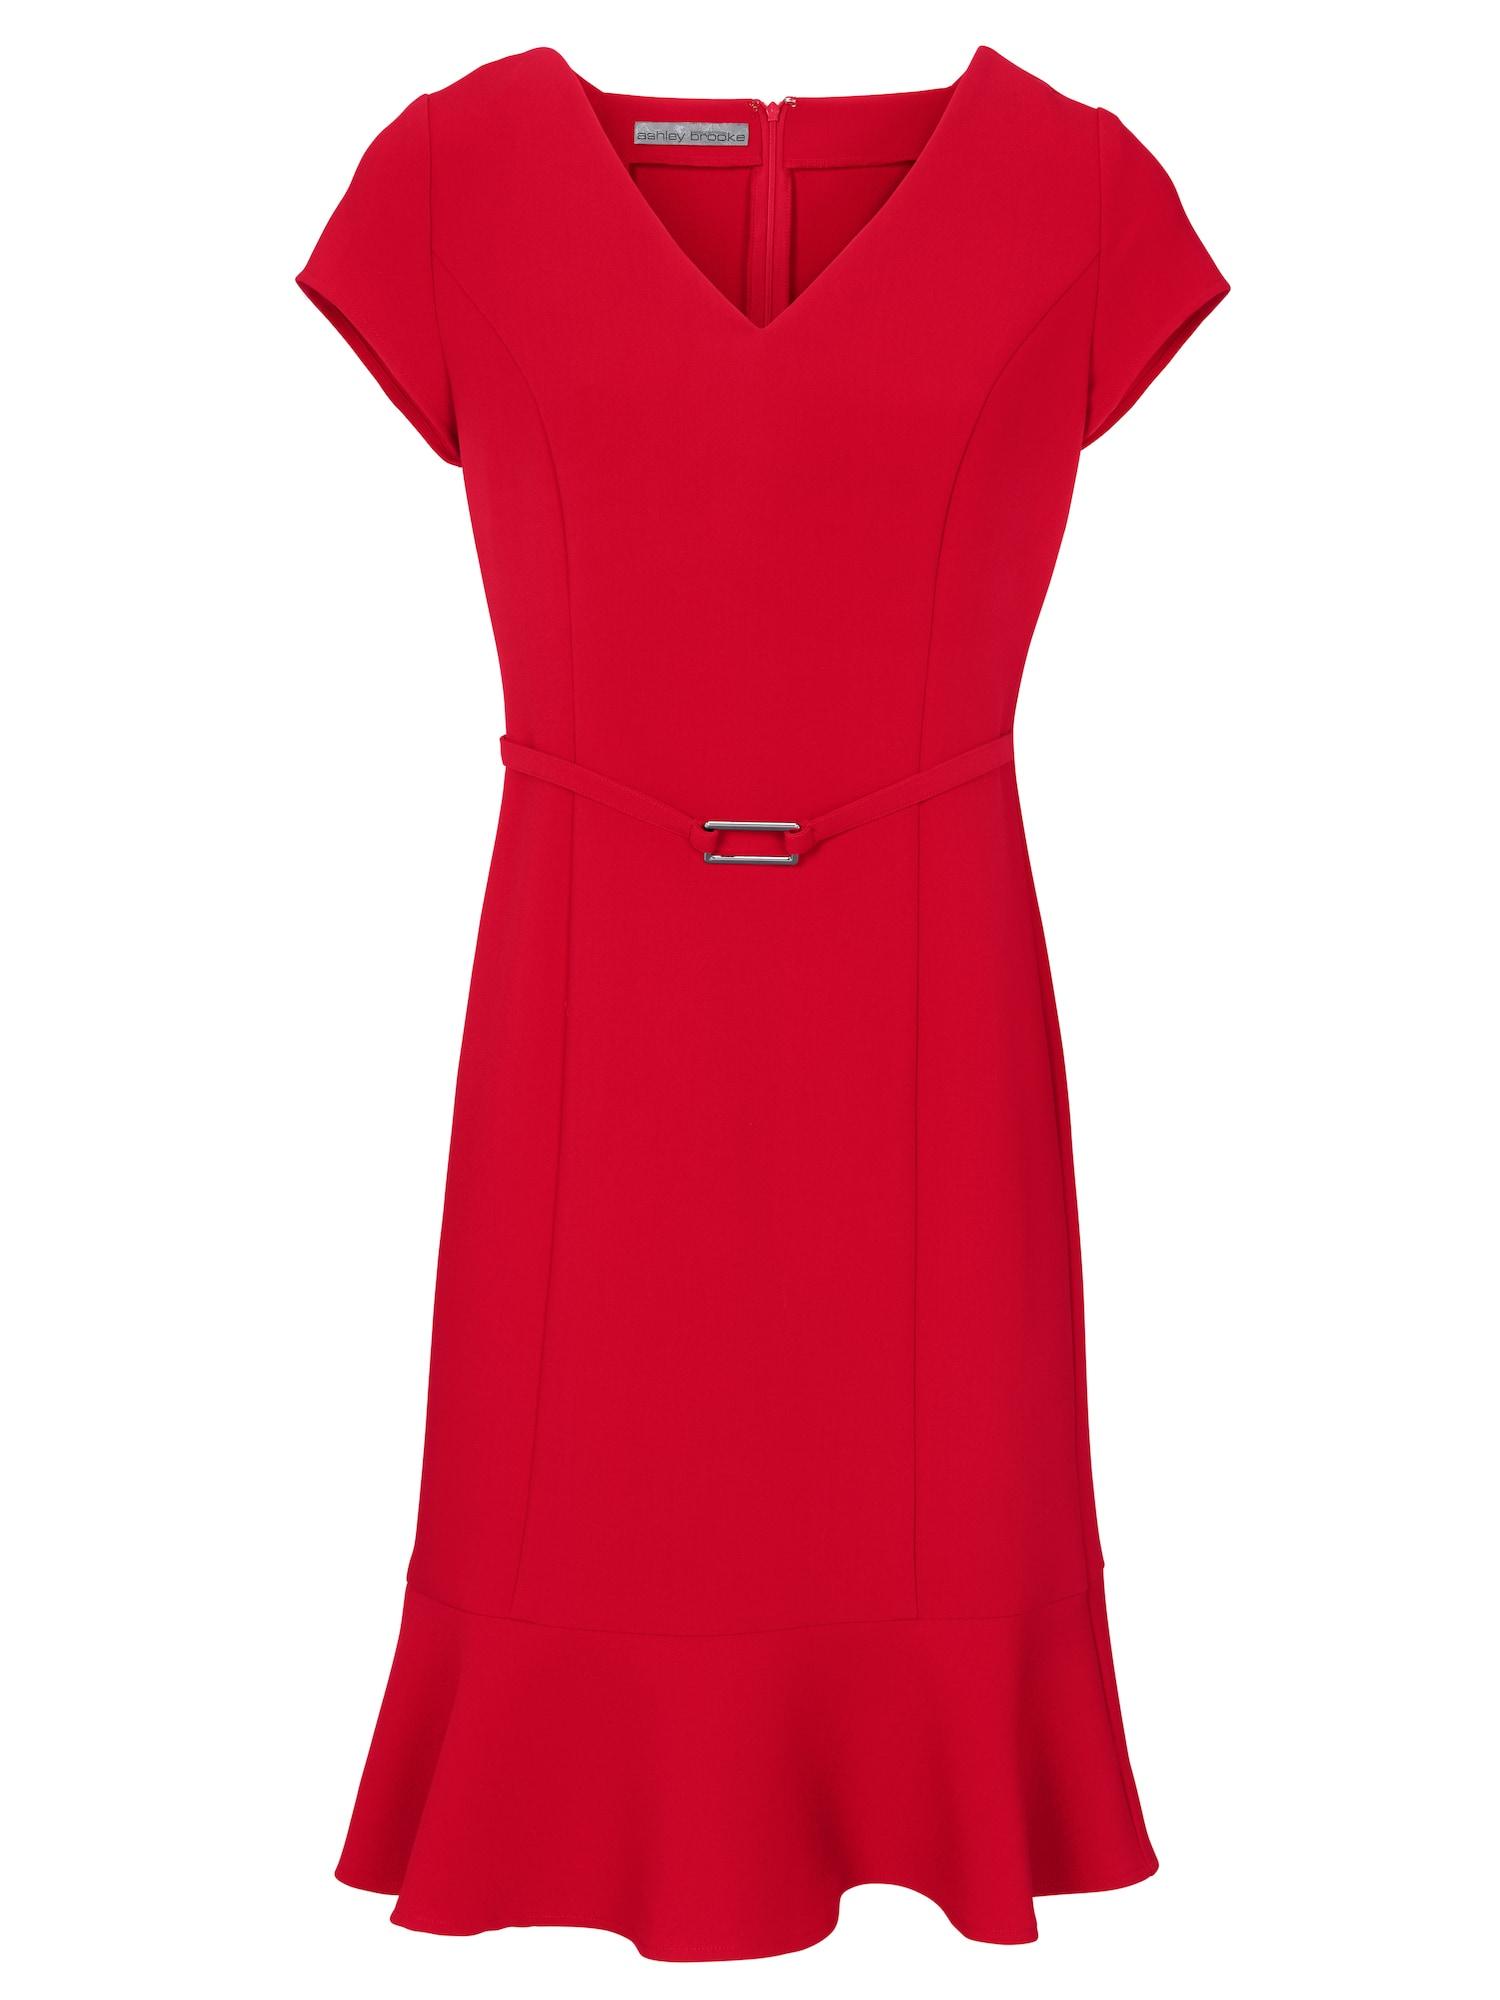 Etuikleid | Bekleidung > Kleider > Etuikleider | Rot | heine